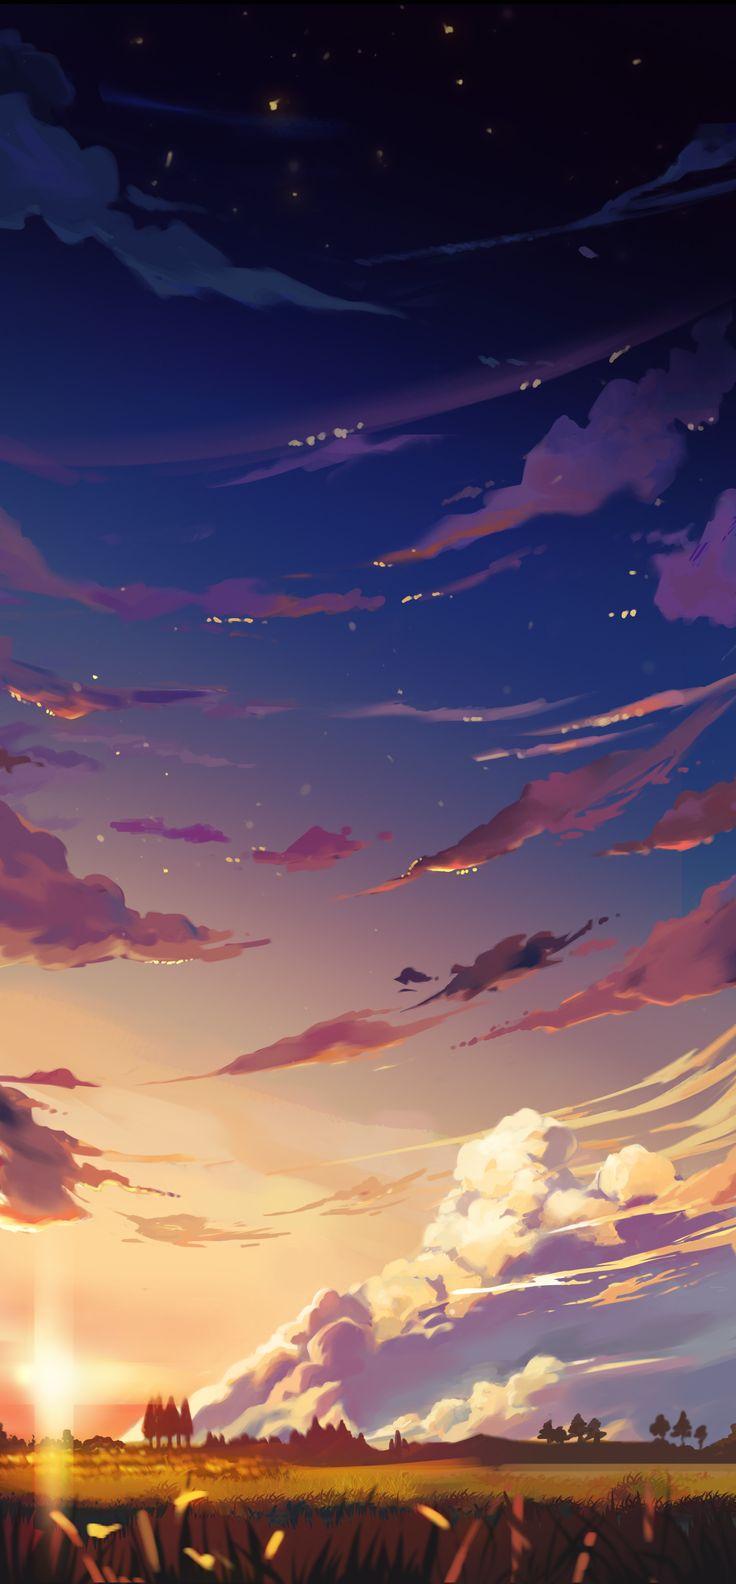 Night fall wilson stark phone wallpaper pinterest - Anime scenery wallpaper laptop ...